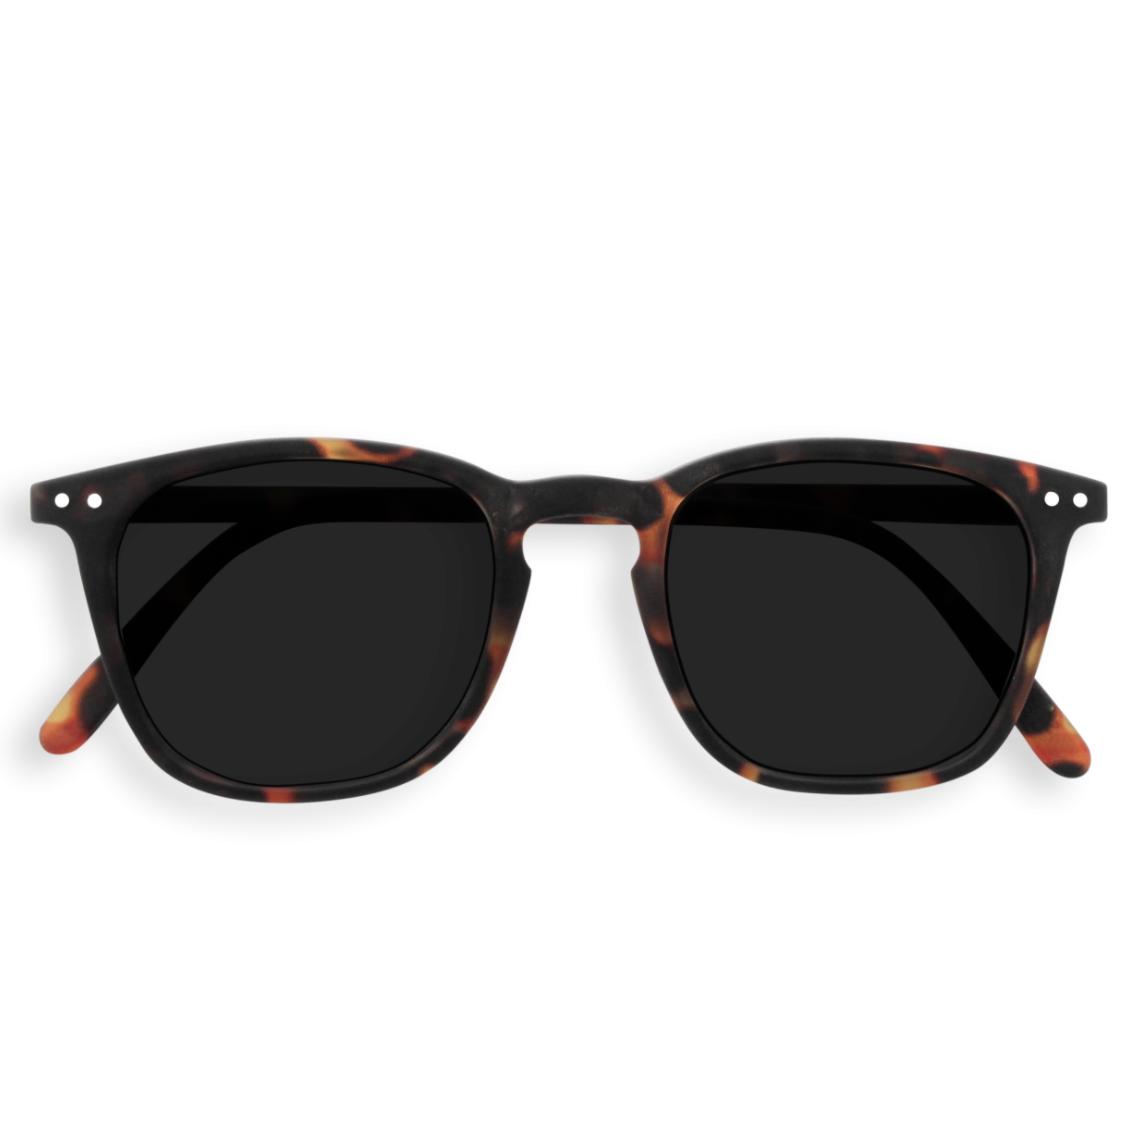 Sunglasses #E - Tortoise